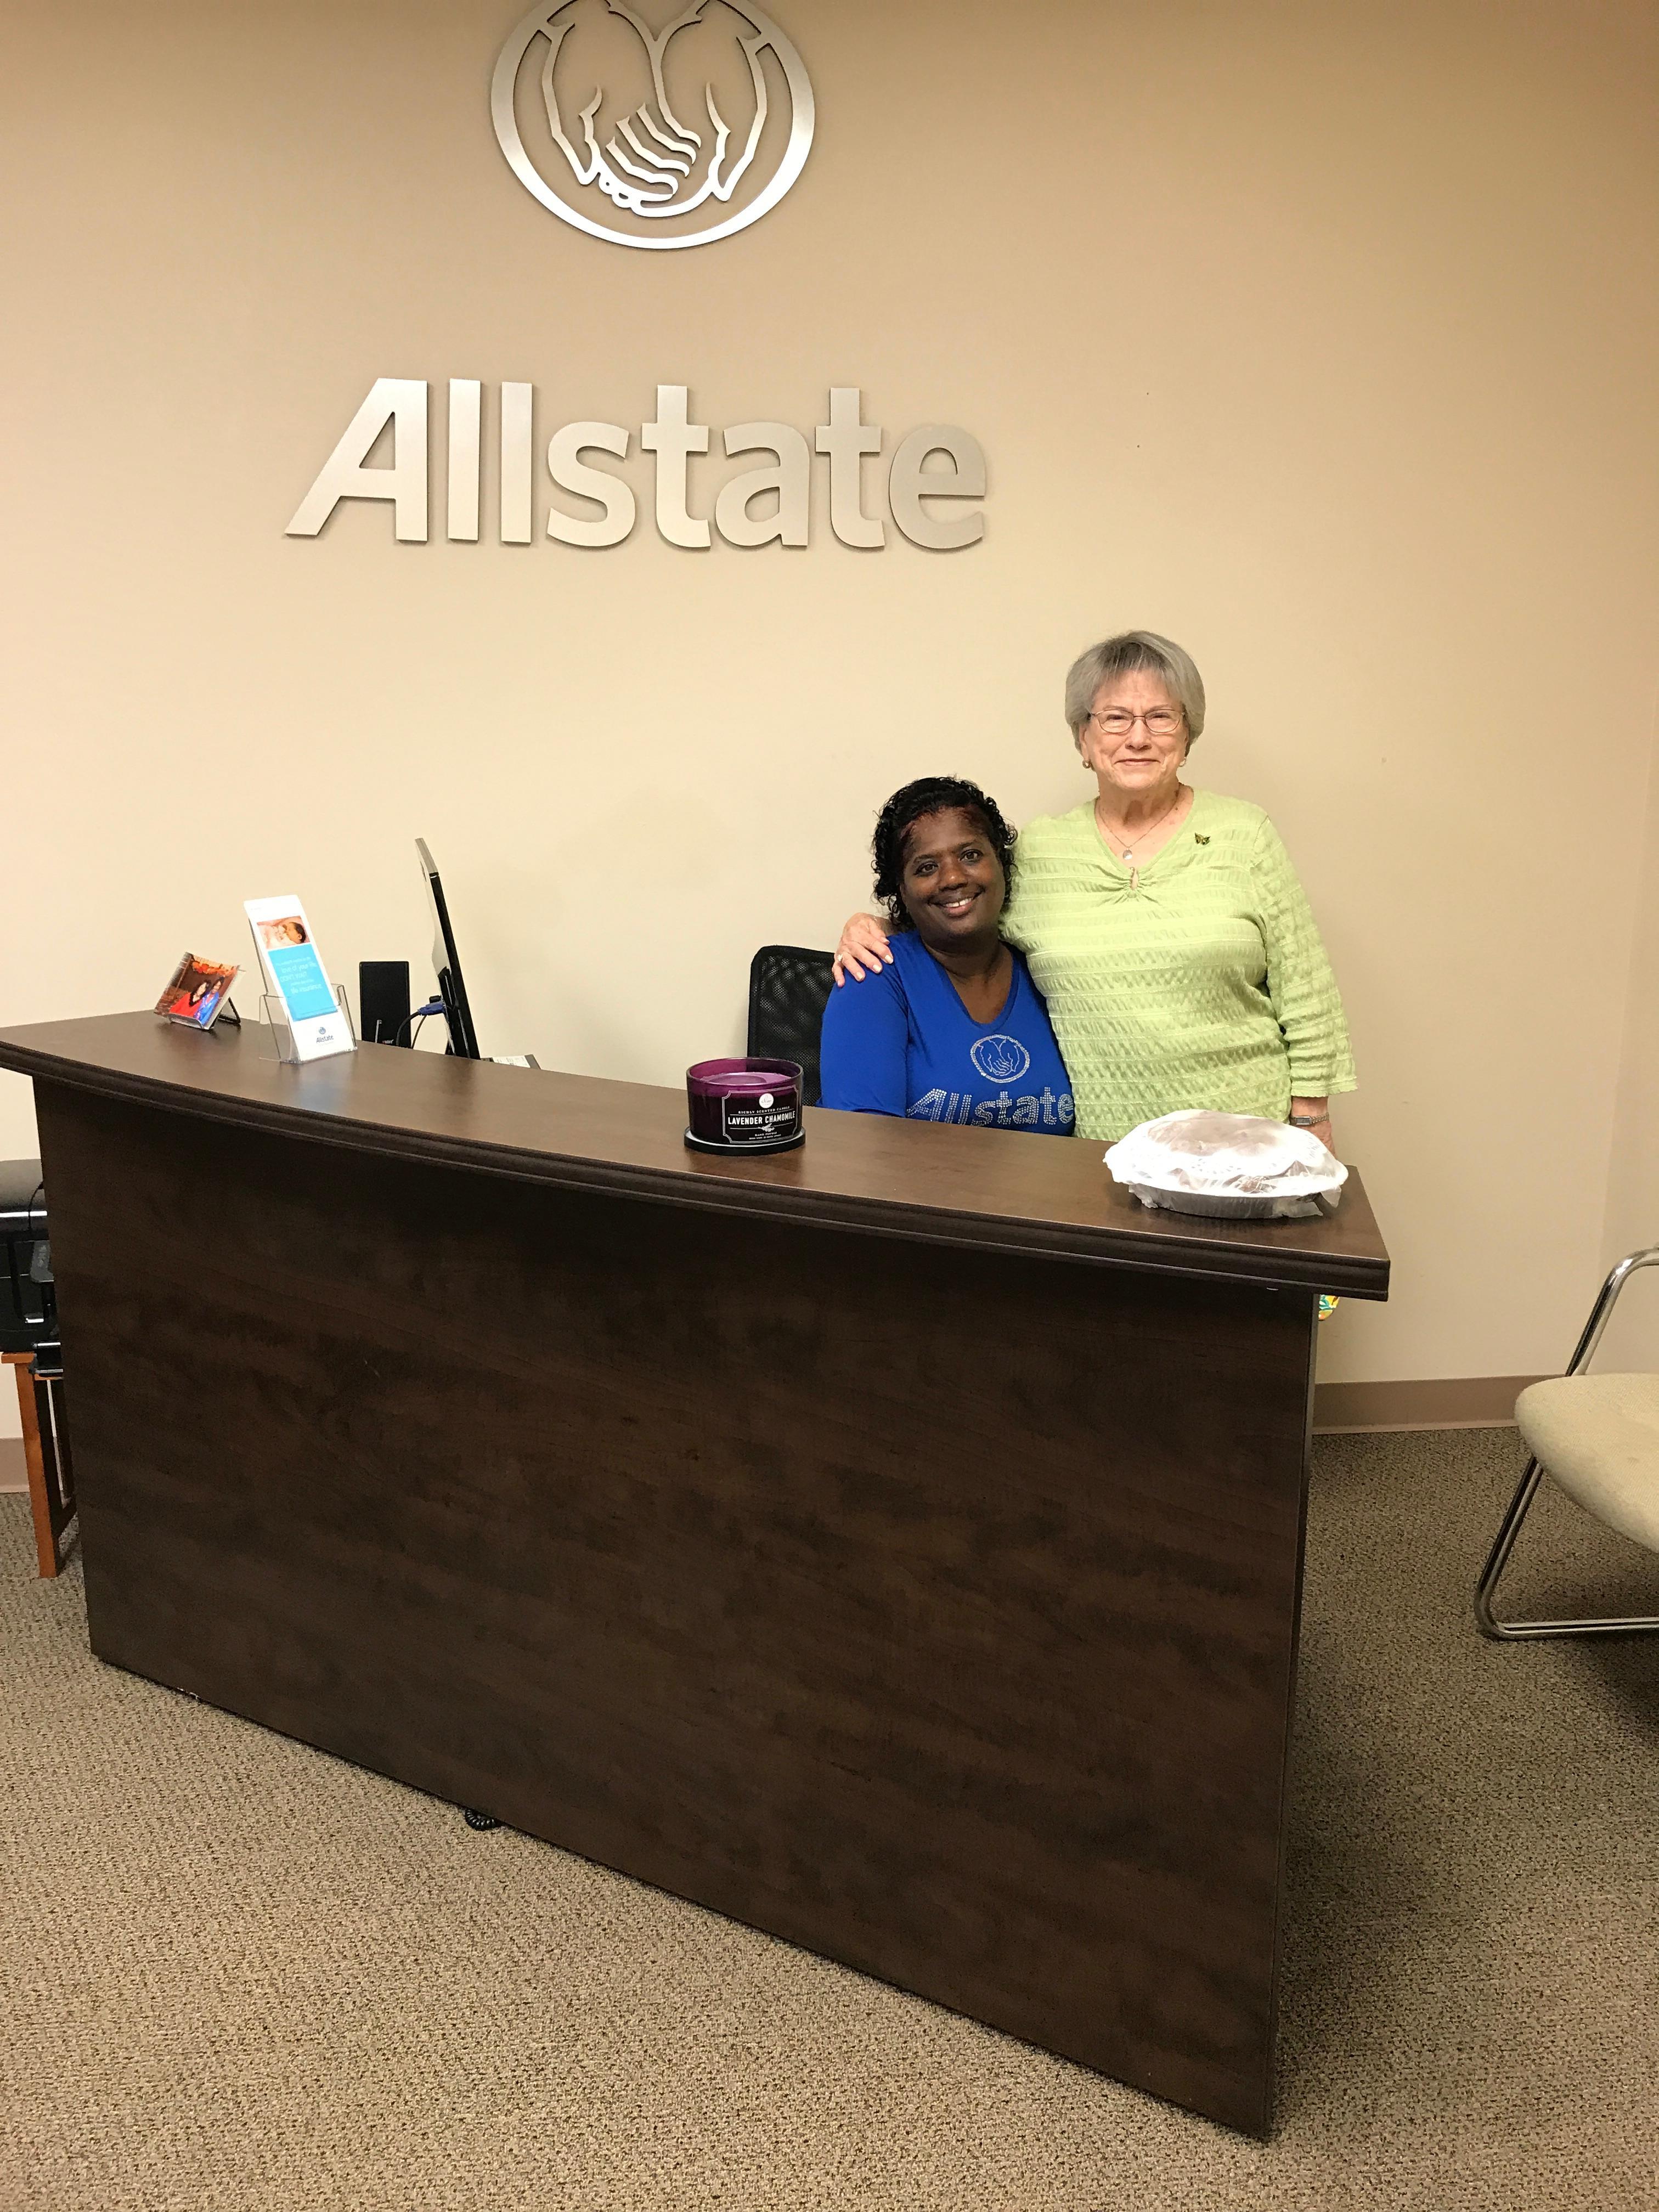 Nedia Netters: Allstate Insurance image 1